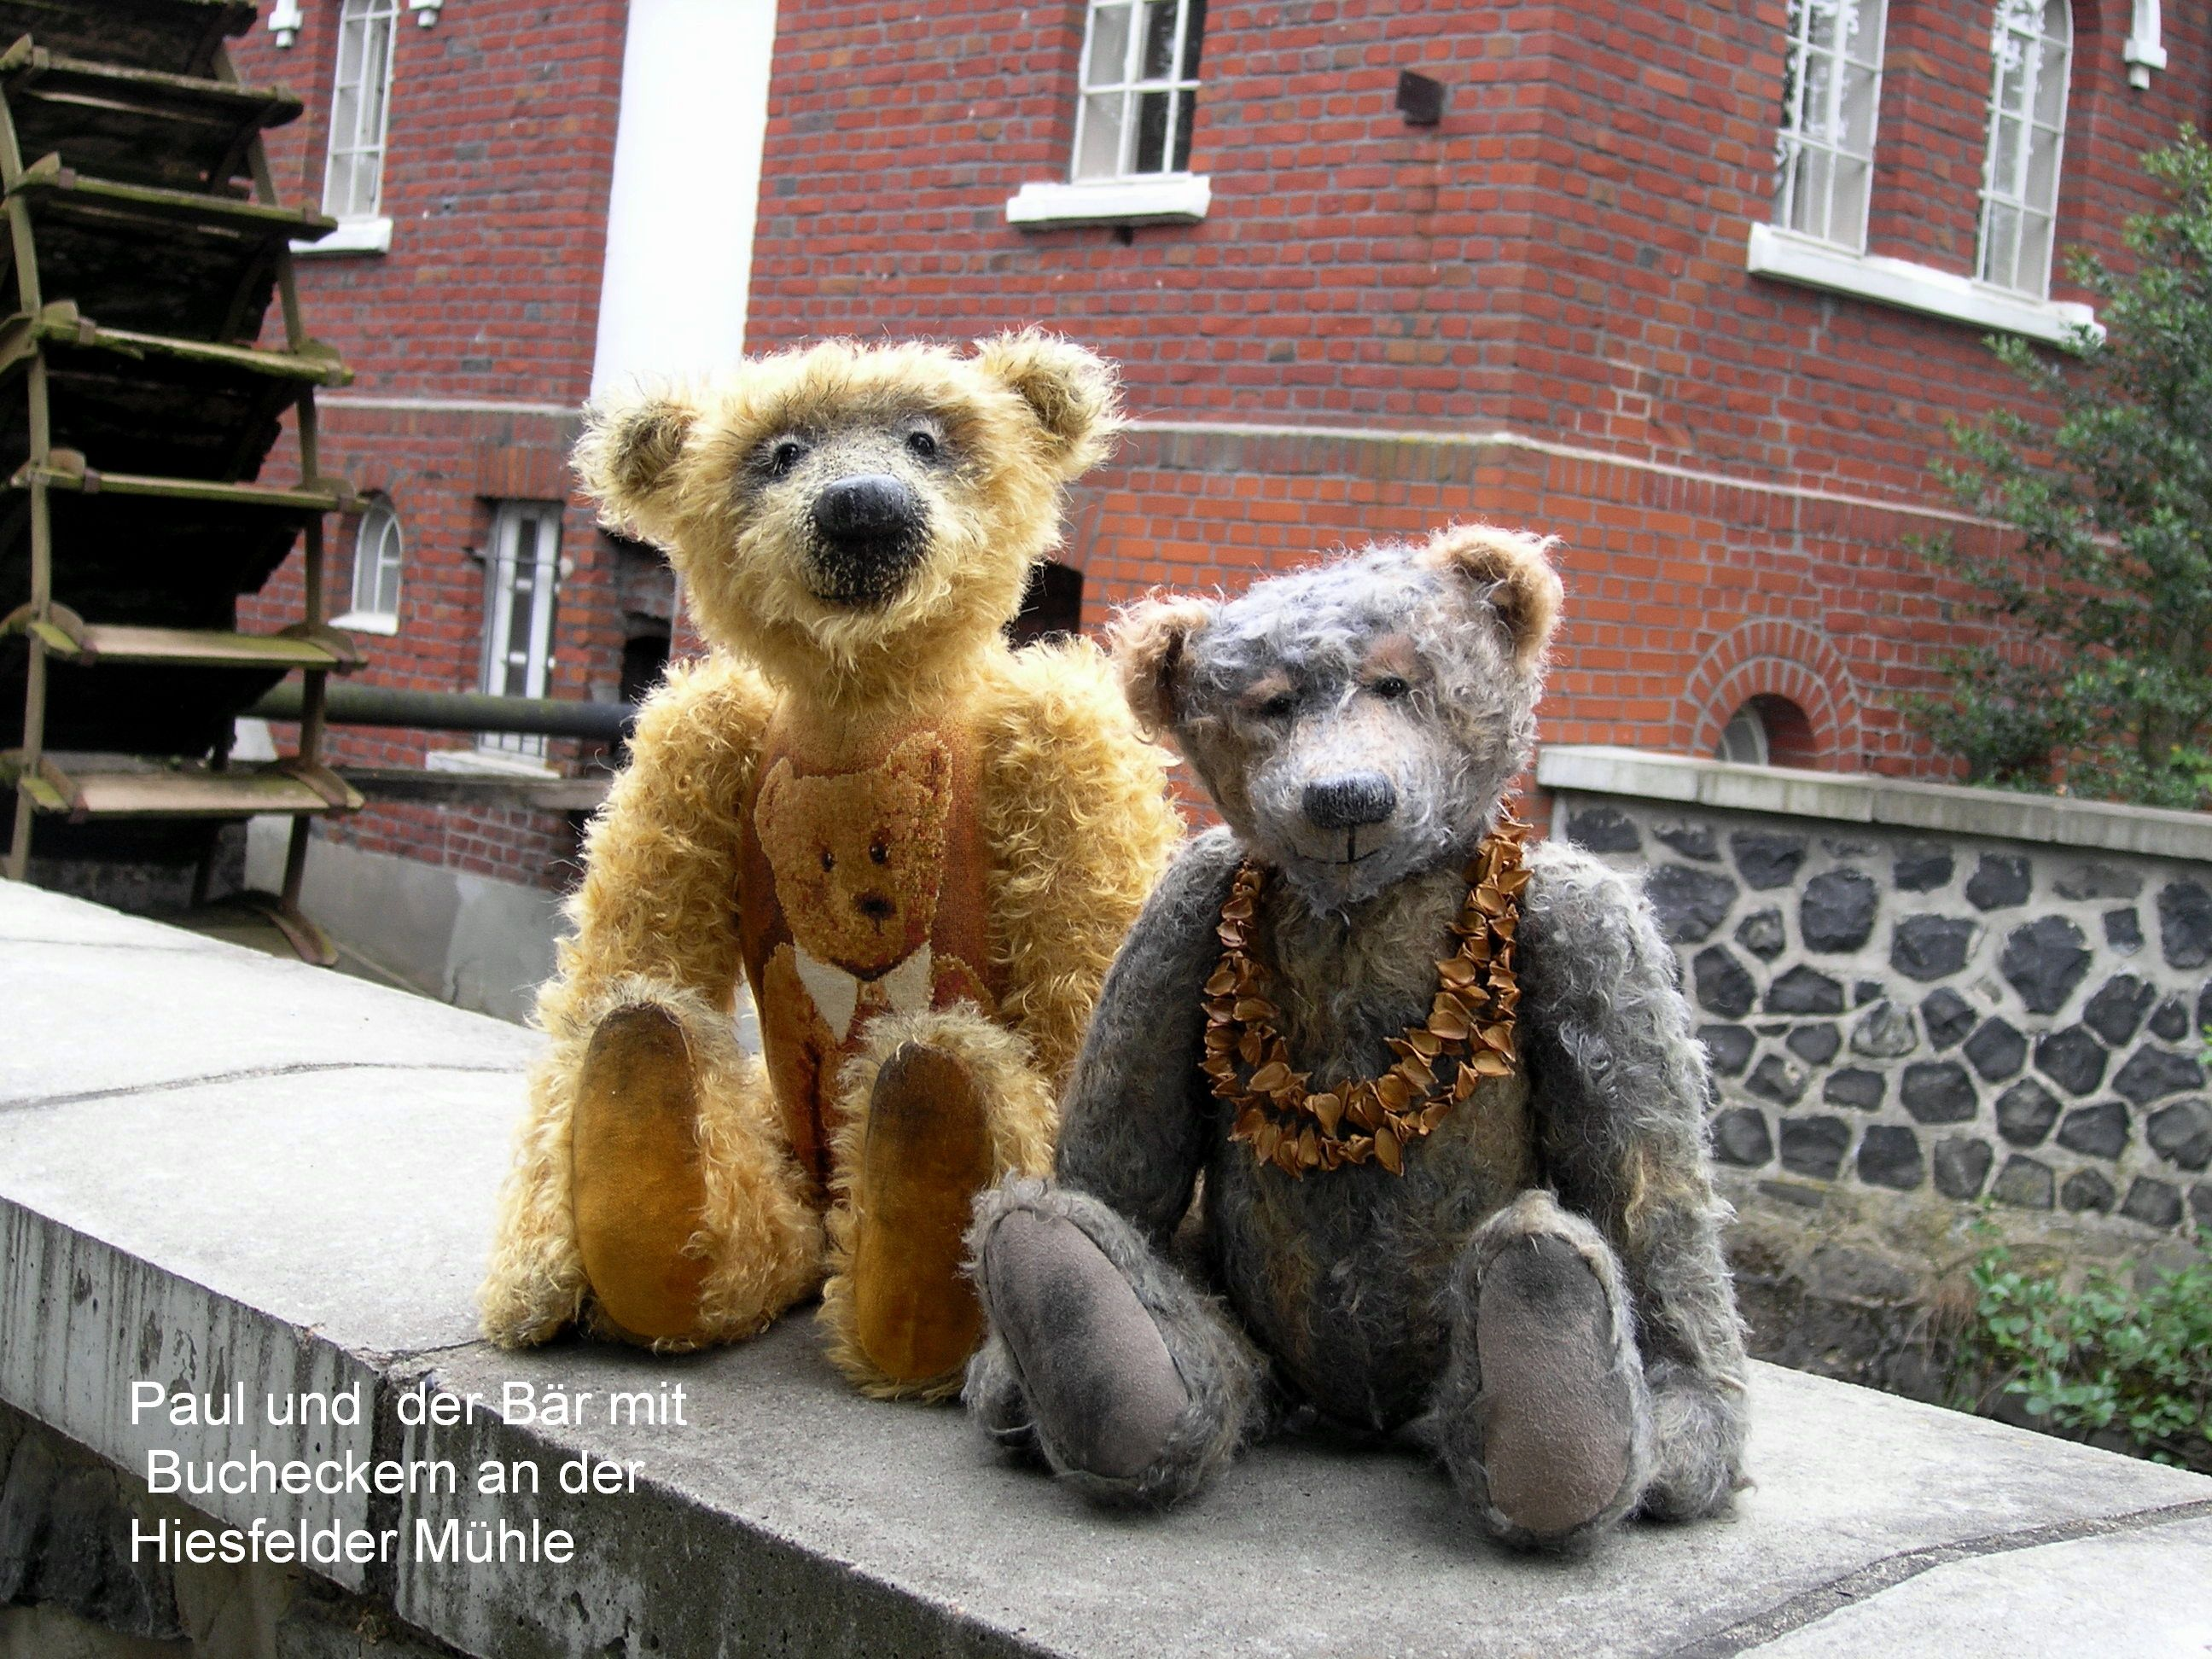 Paul und der Bär mit Bucheckern . An der Mühle in Hiesfeld . | Teddy ...